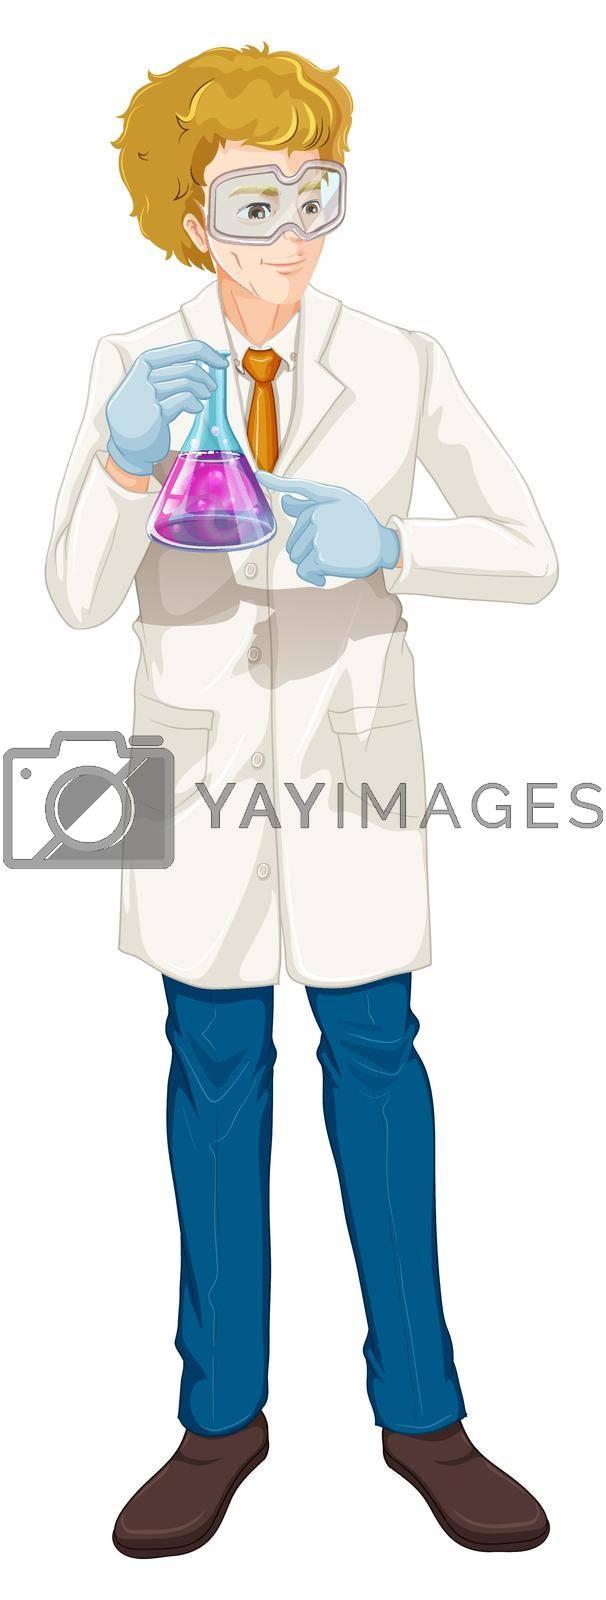 Scientist holding beaker on white background illustration